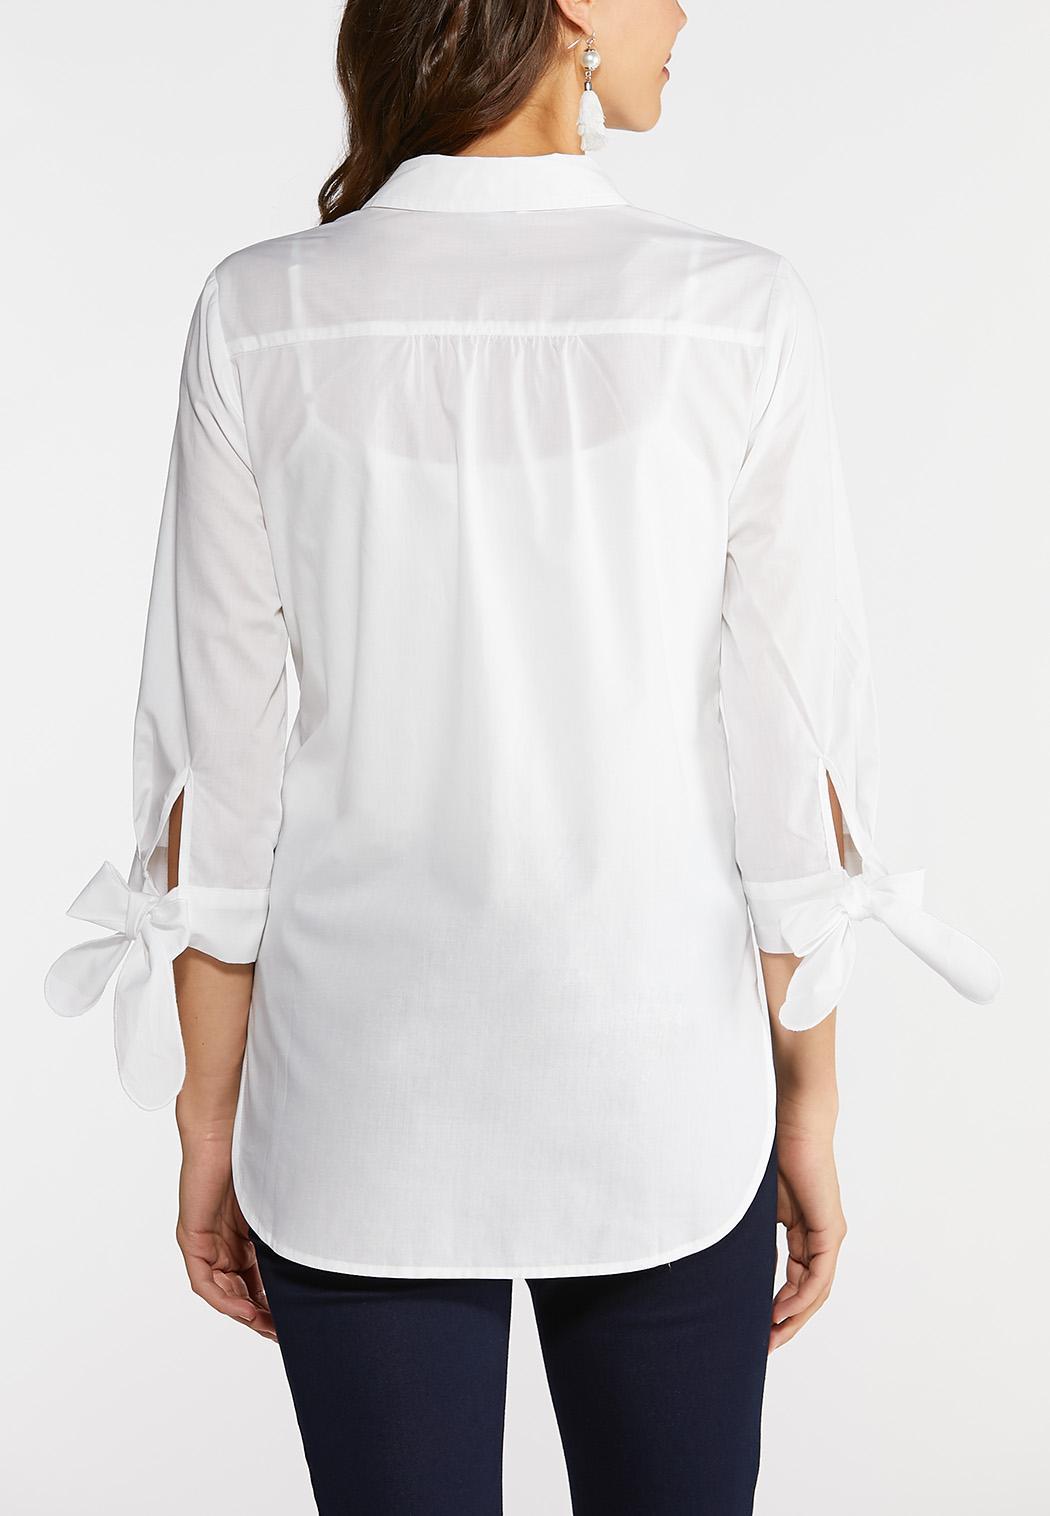 White Tie Sleeve Tunic (Item #43904063)